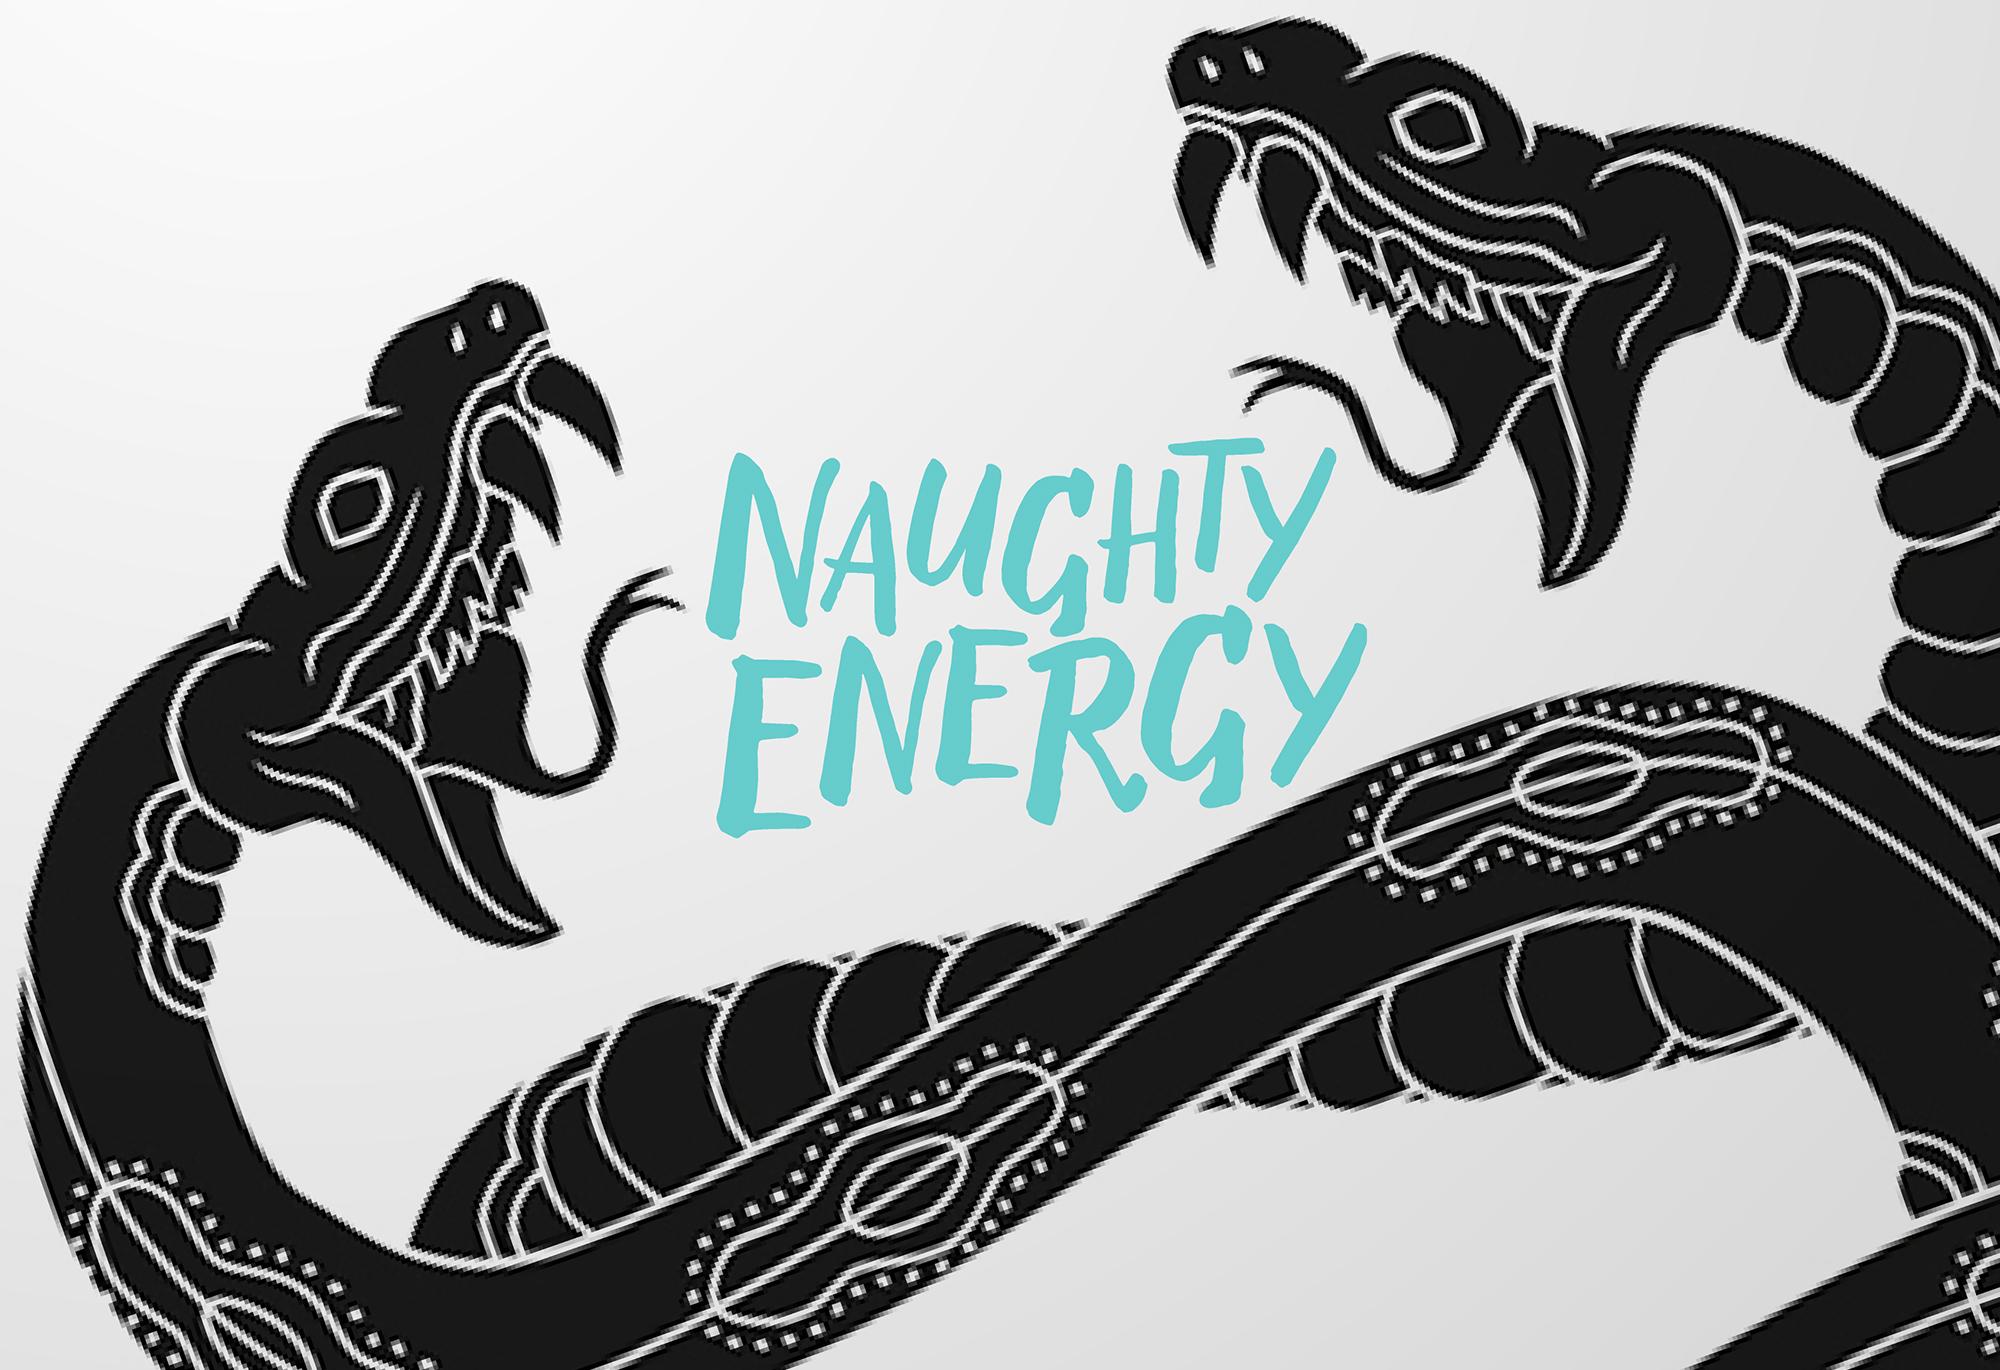 Naughty Energy logo